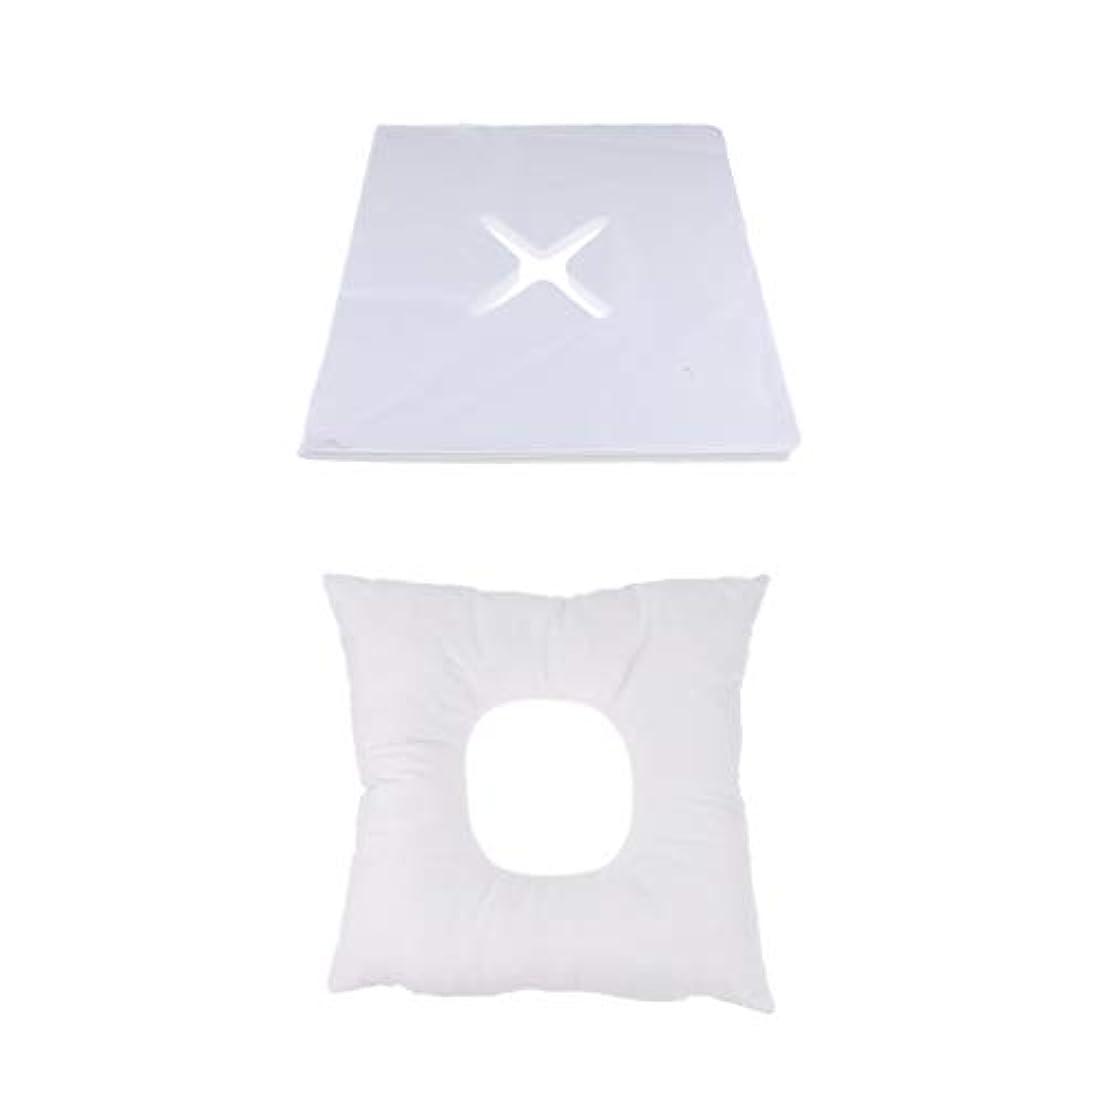 取得するオペレーター一見D DOLITY マッサージ枕 顔枕 フェイスマット 200個使い捨てカバー付き 柔らかく快適